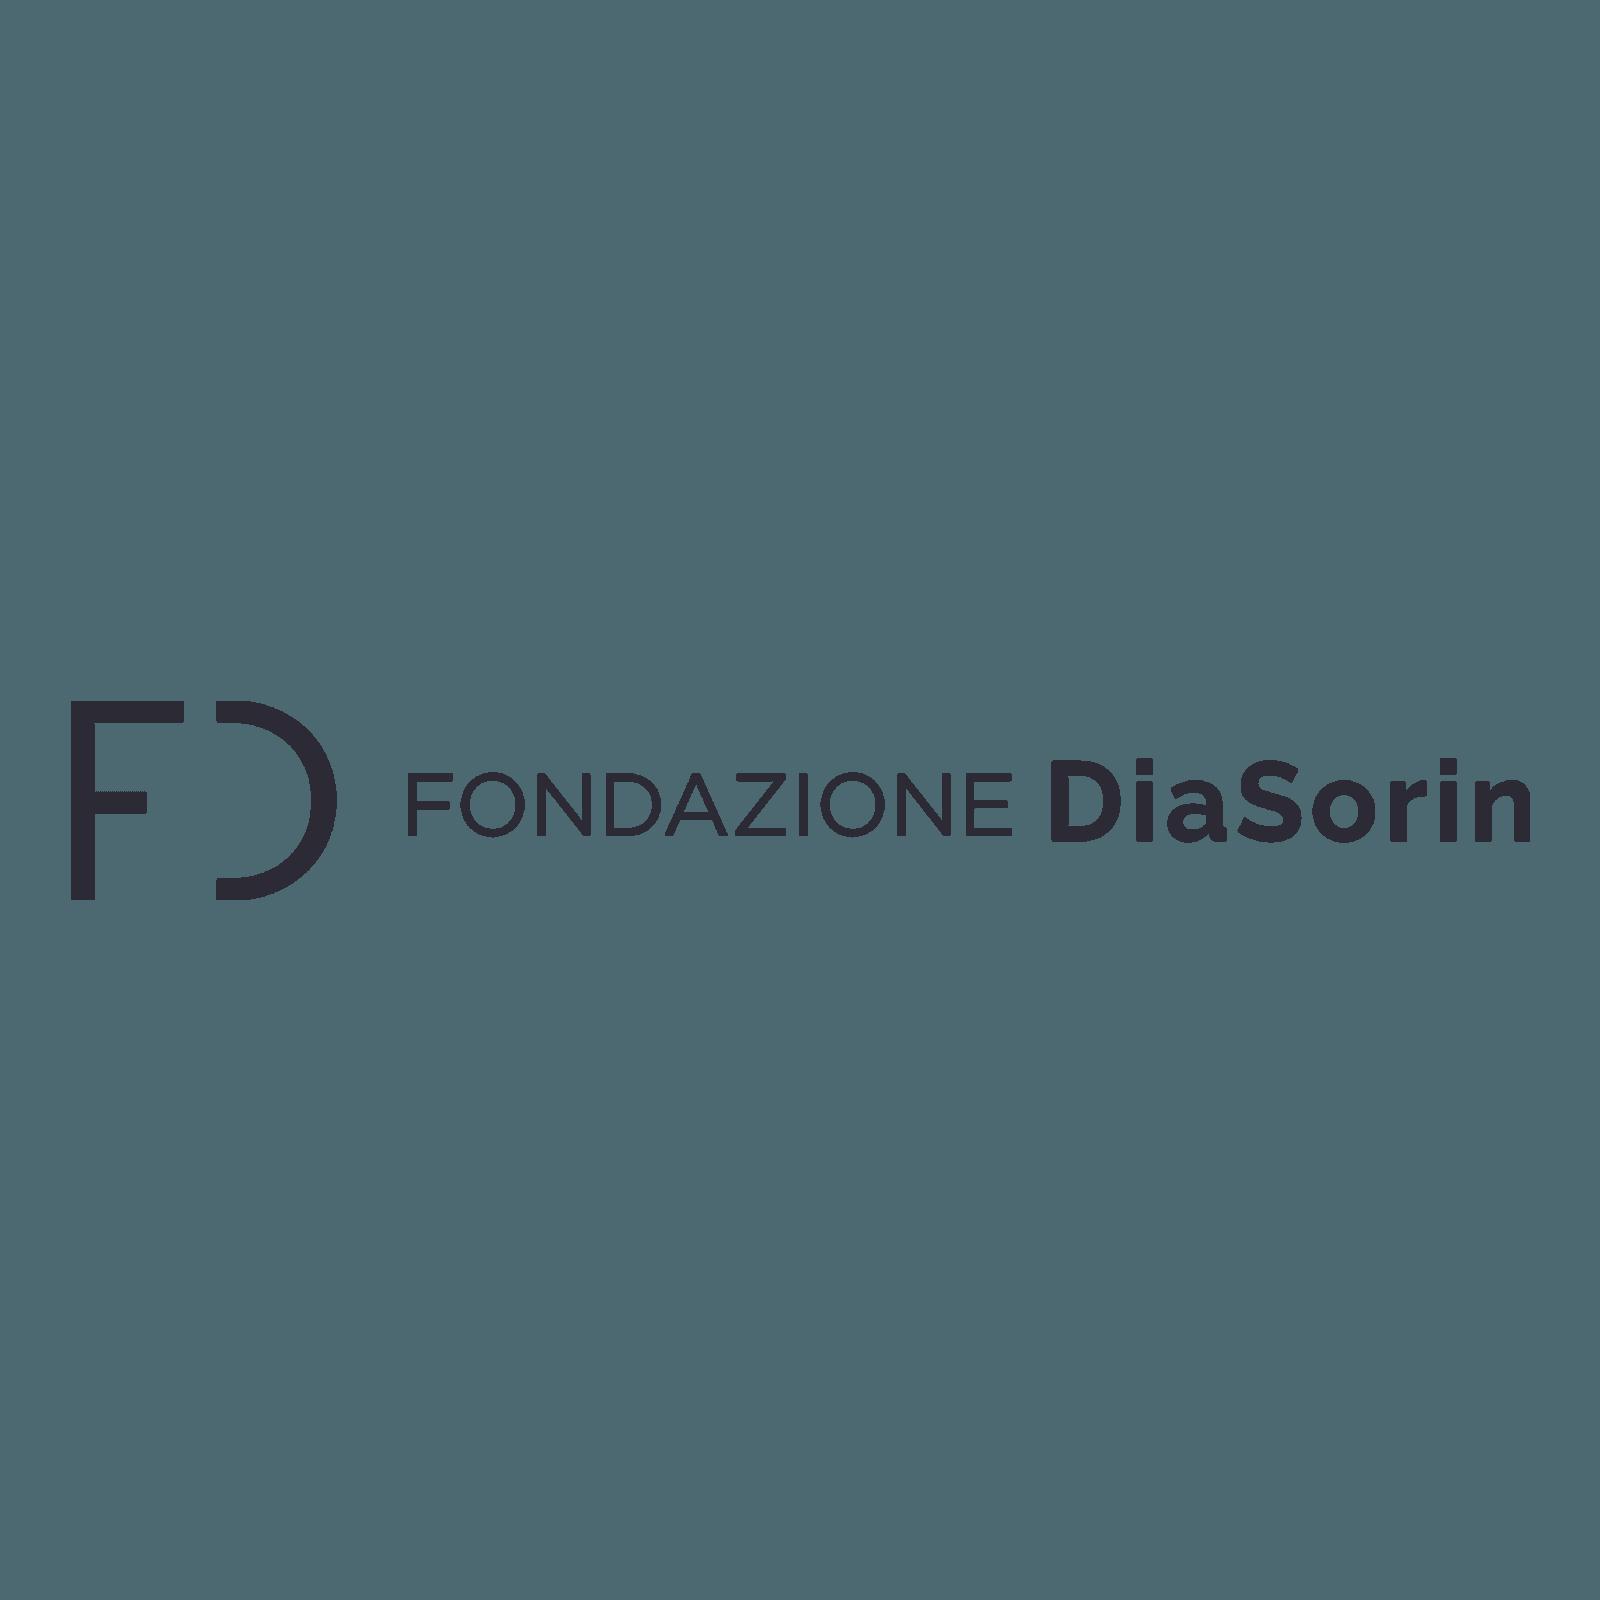 Fondazione DiaSorin brand